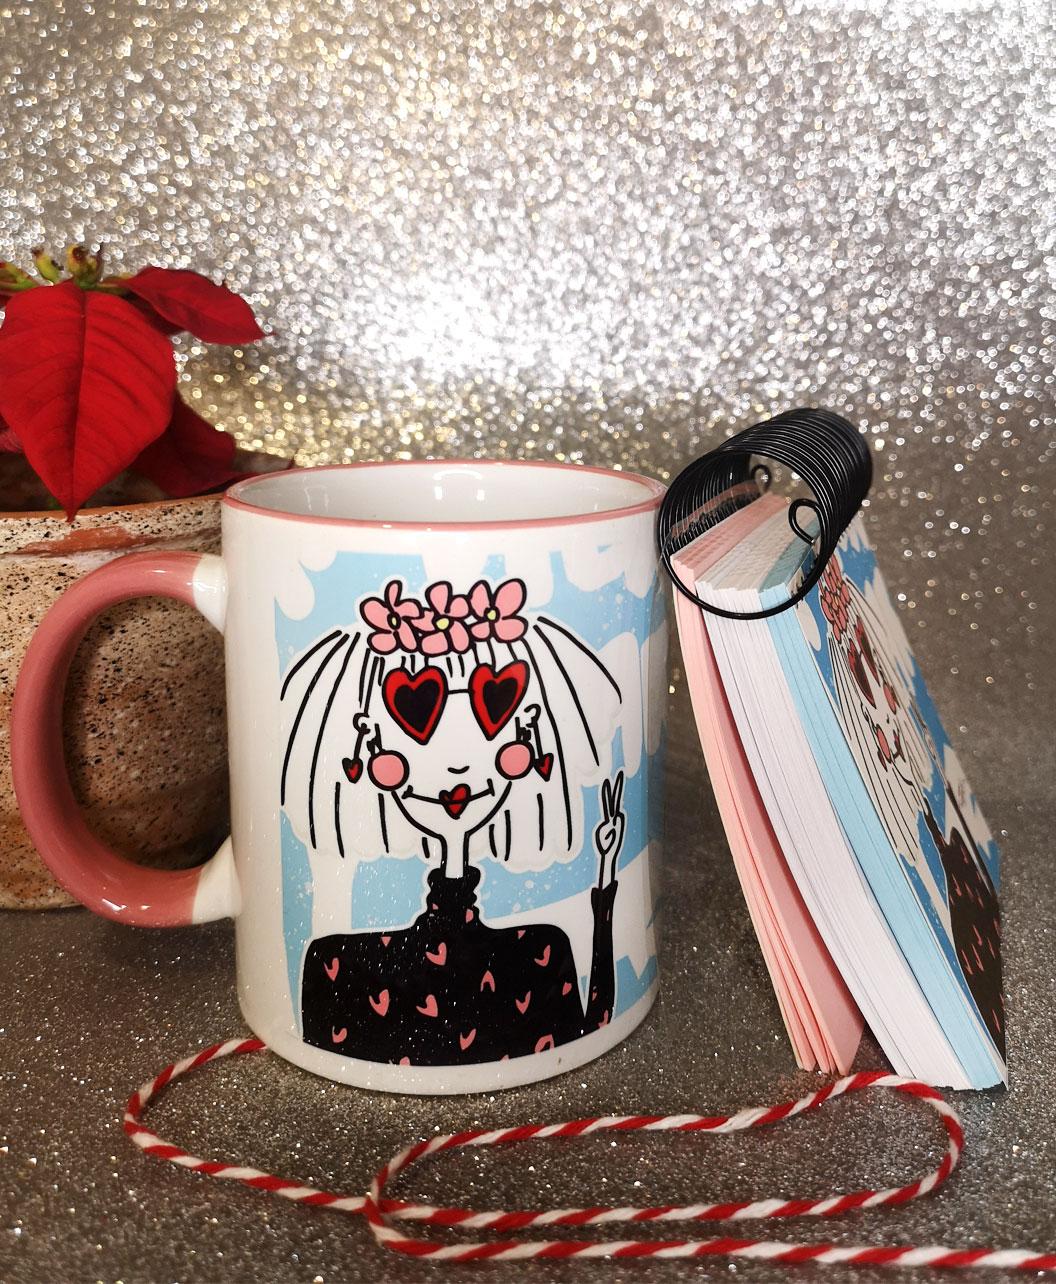 conjunto taza y libreta navidad ideal regalo diferente original happy hippi new year